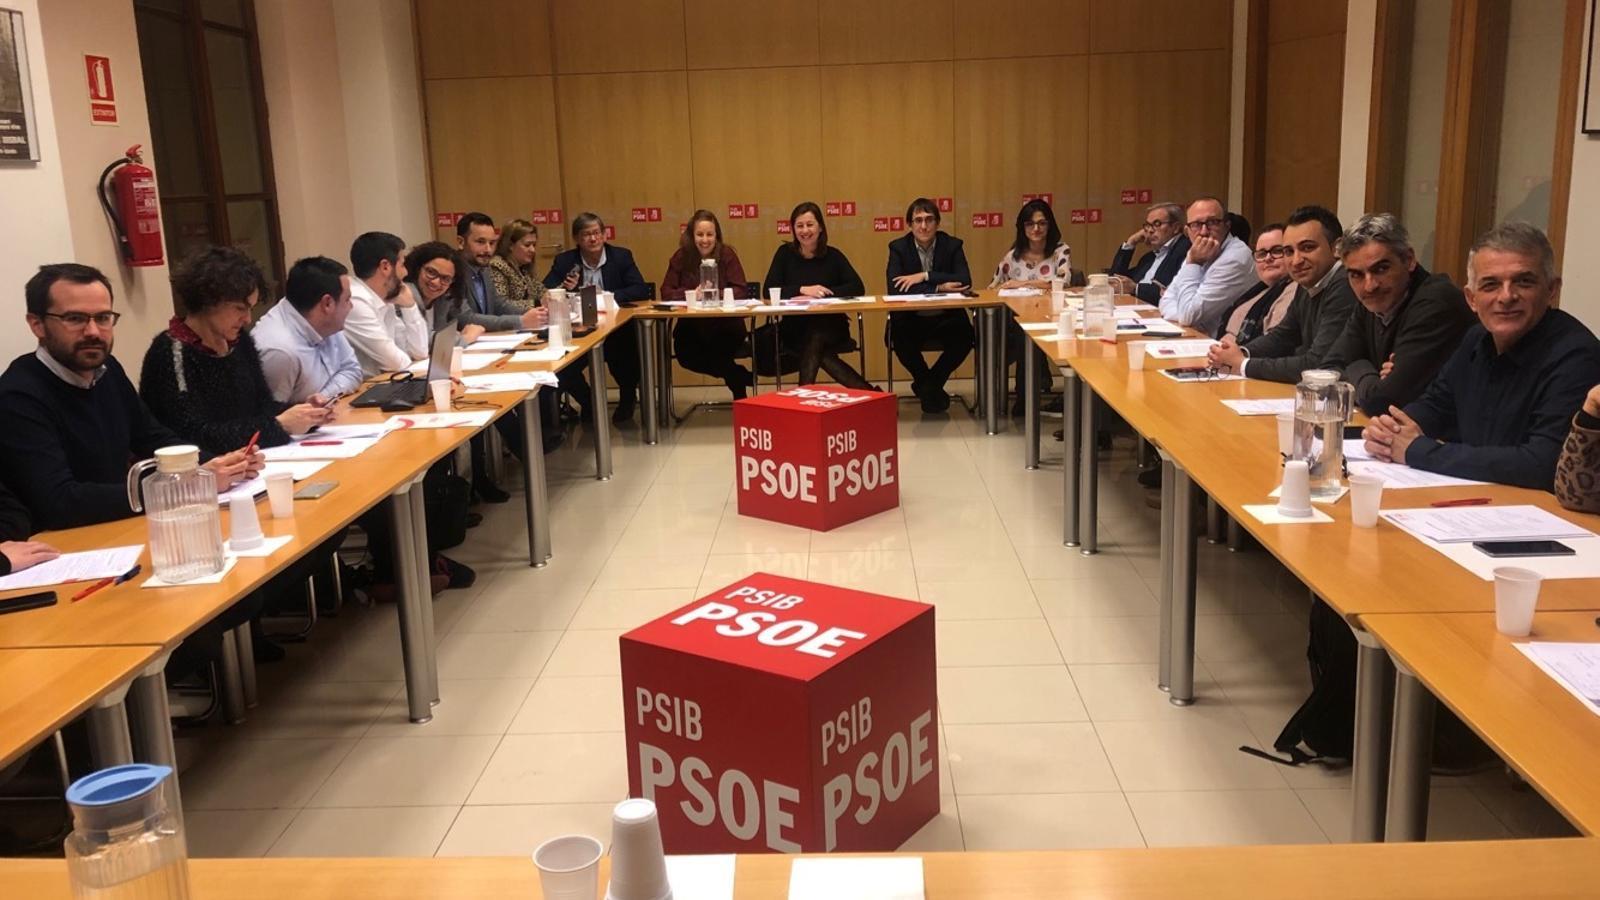 Reunió de l'executiva dels socialistes de Balears.